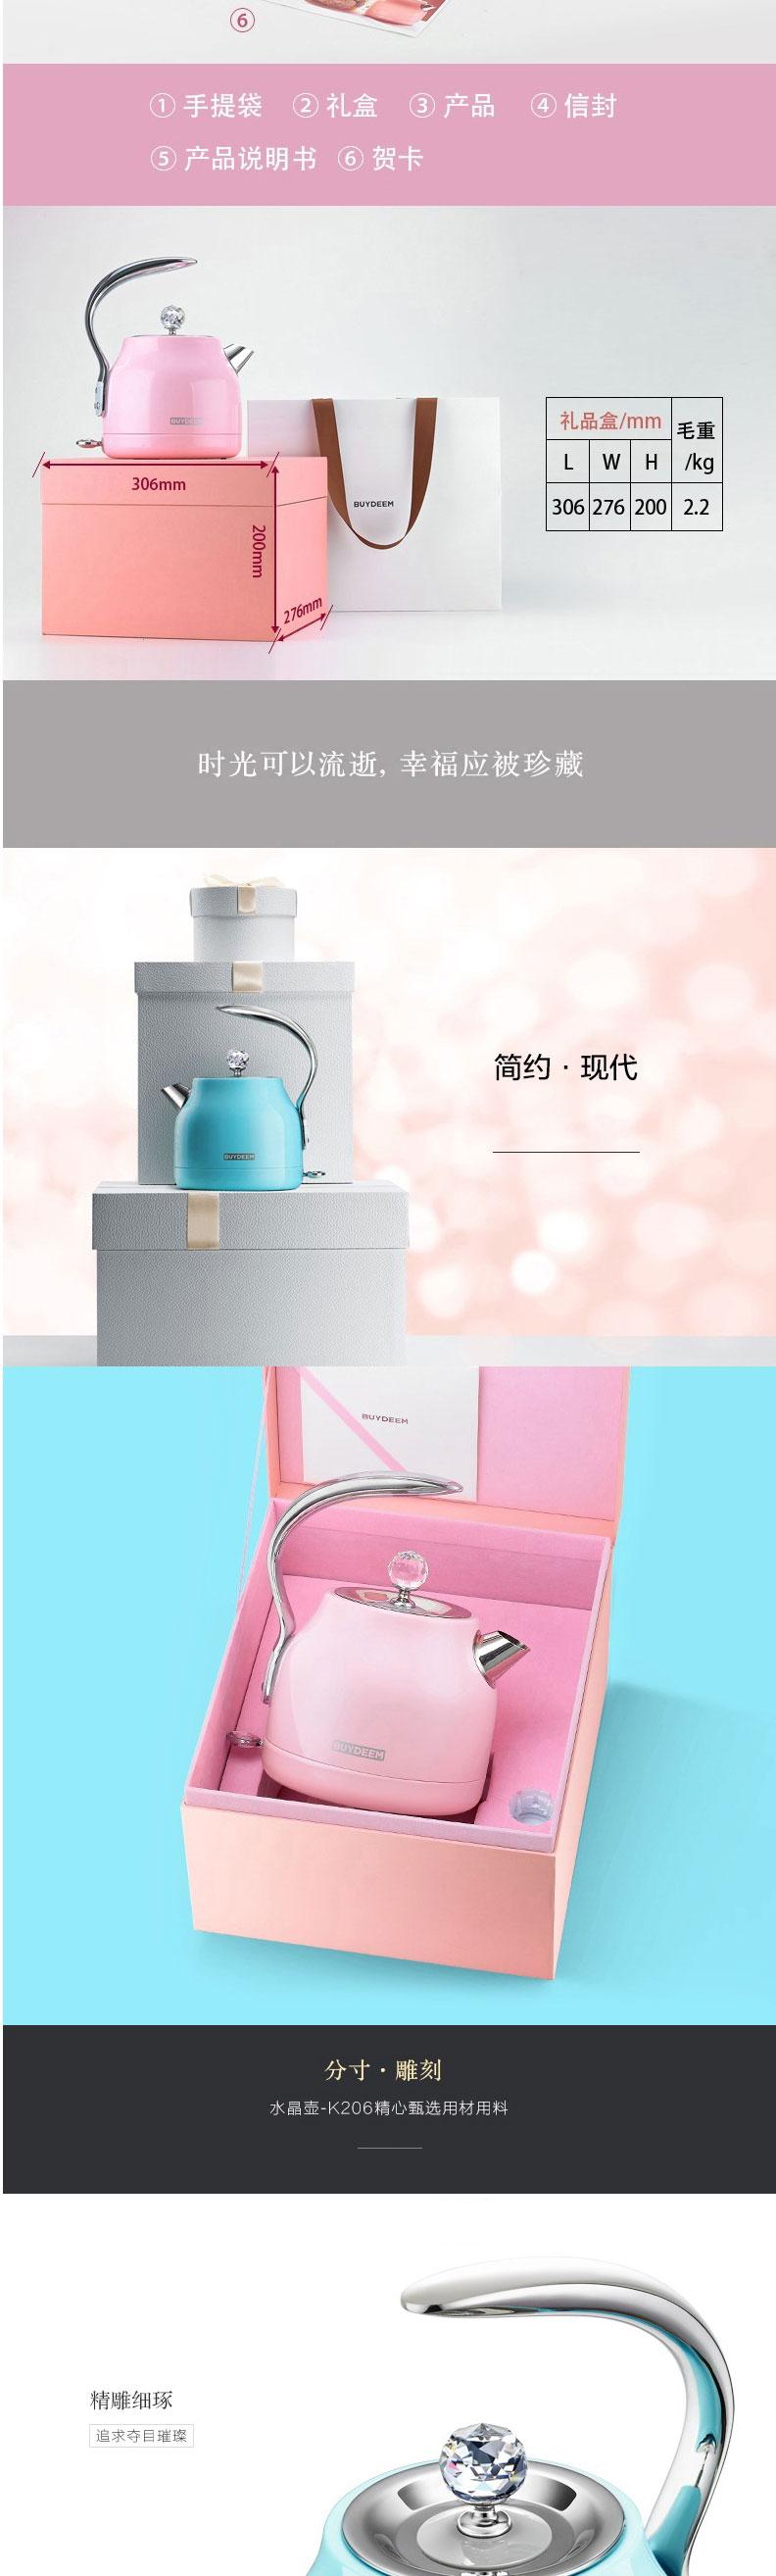 北鼎K206电水壶详情图_04.jpg